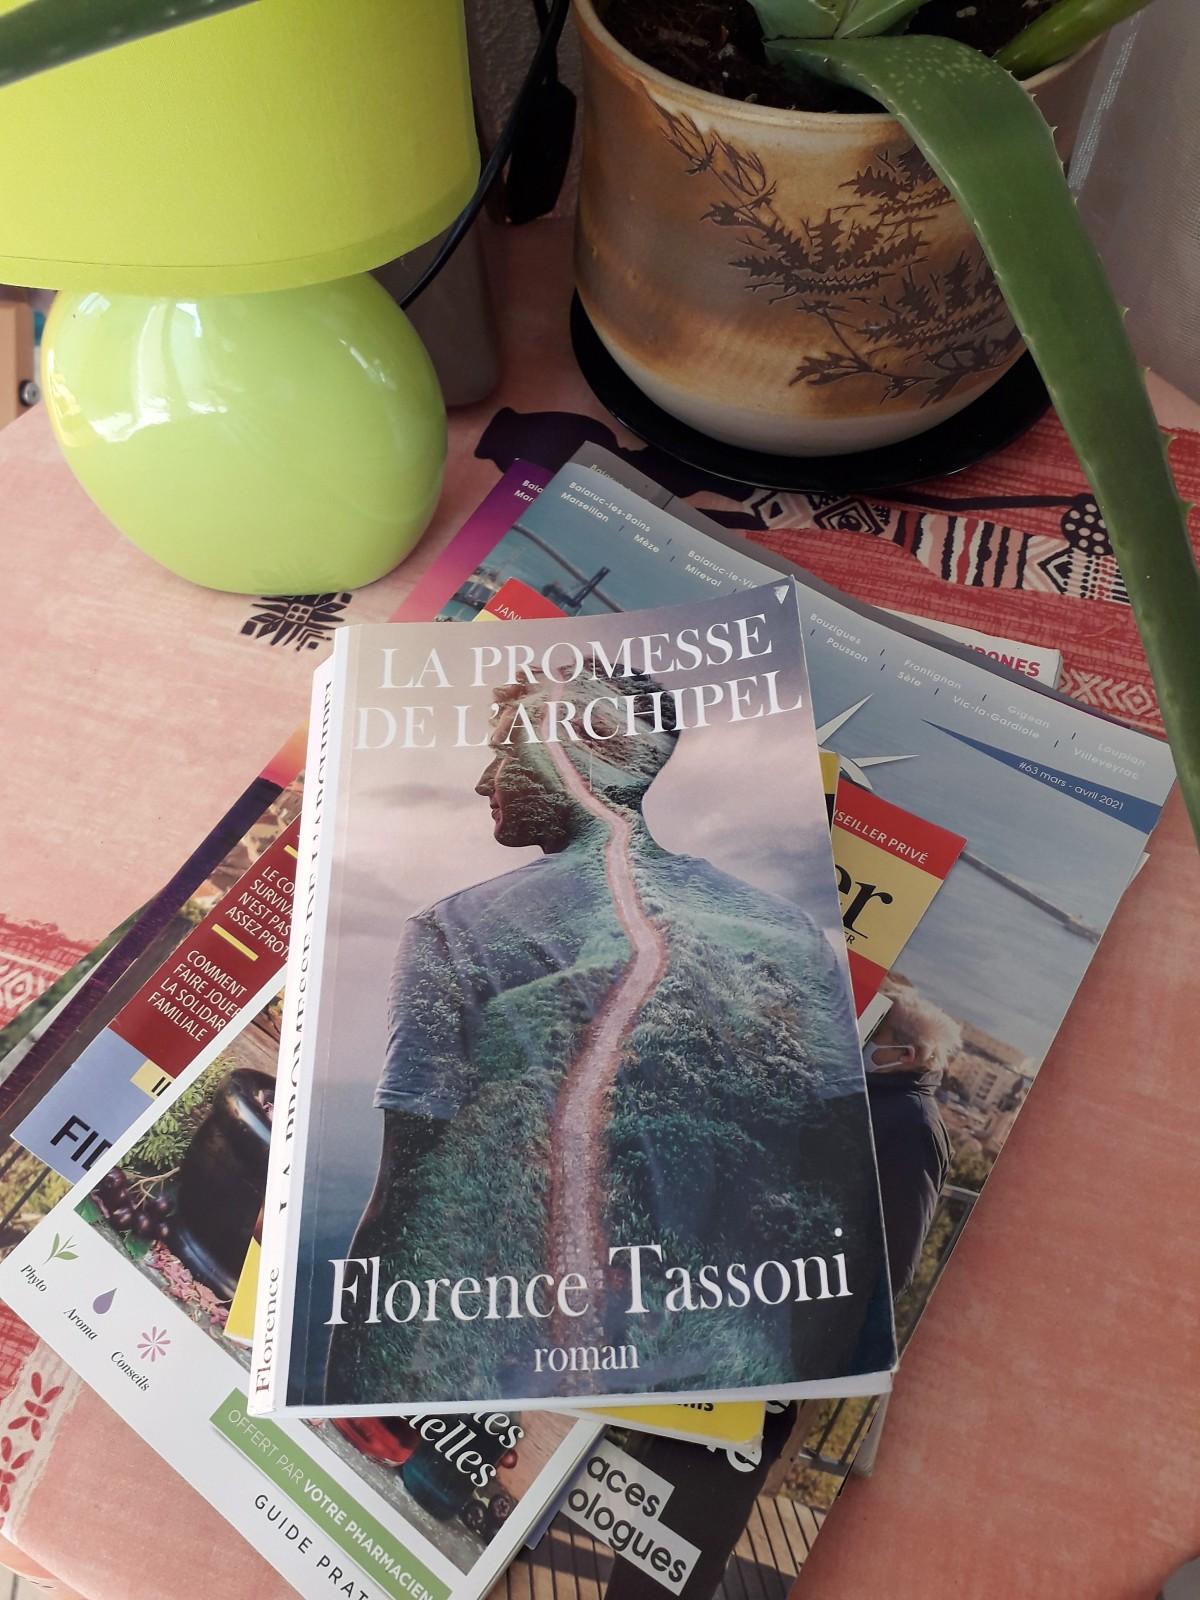 La promesse de l'archipel de FlorenceTassoni